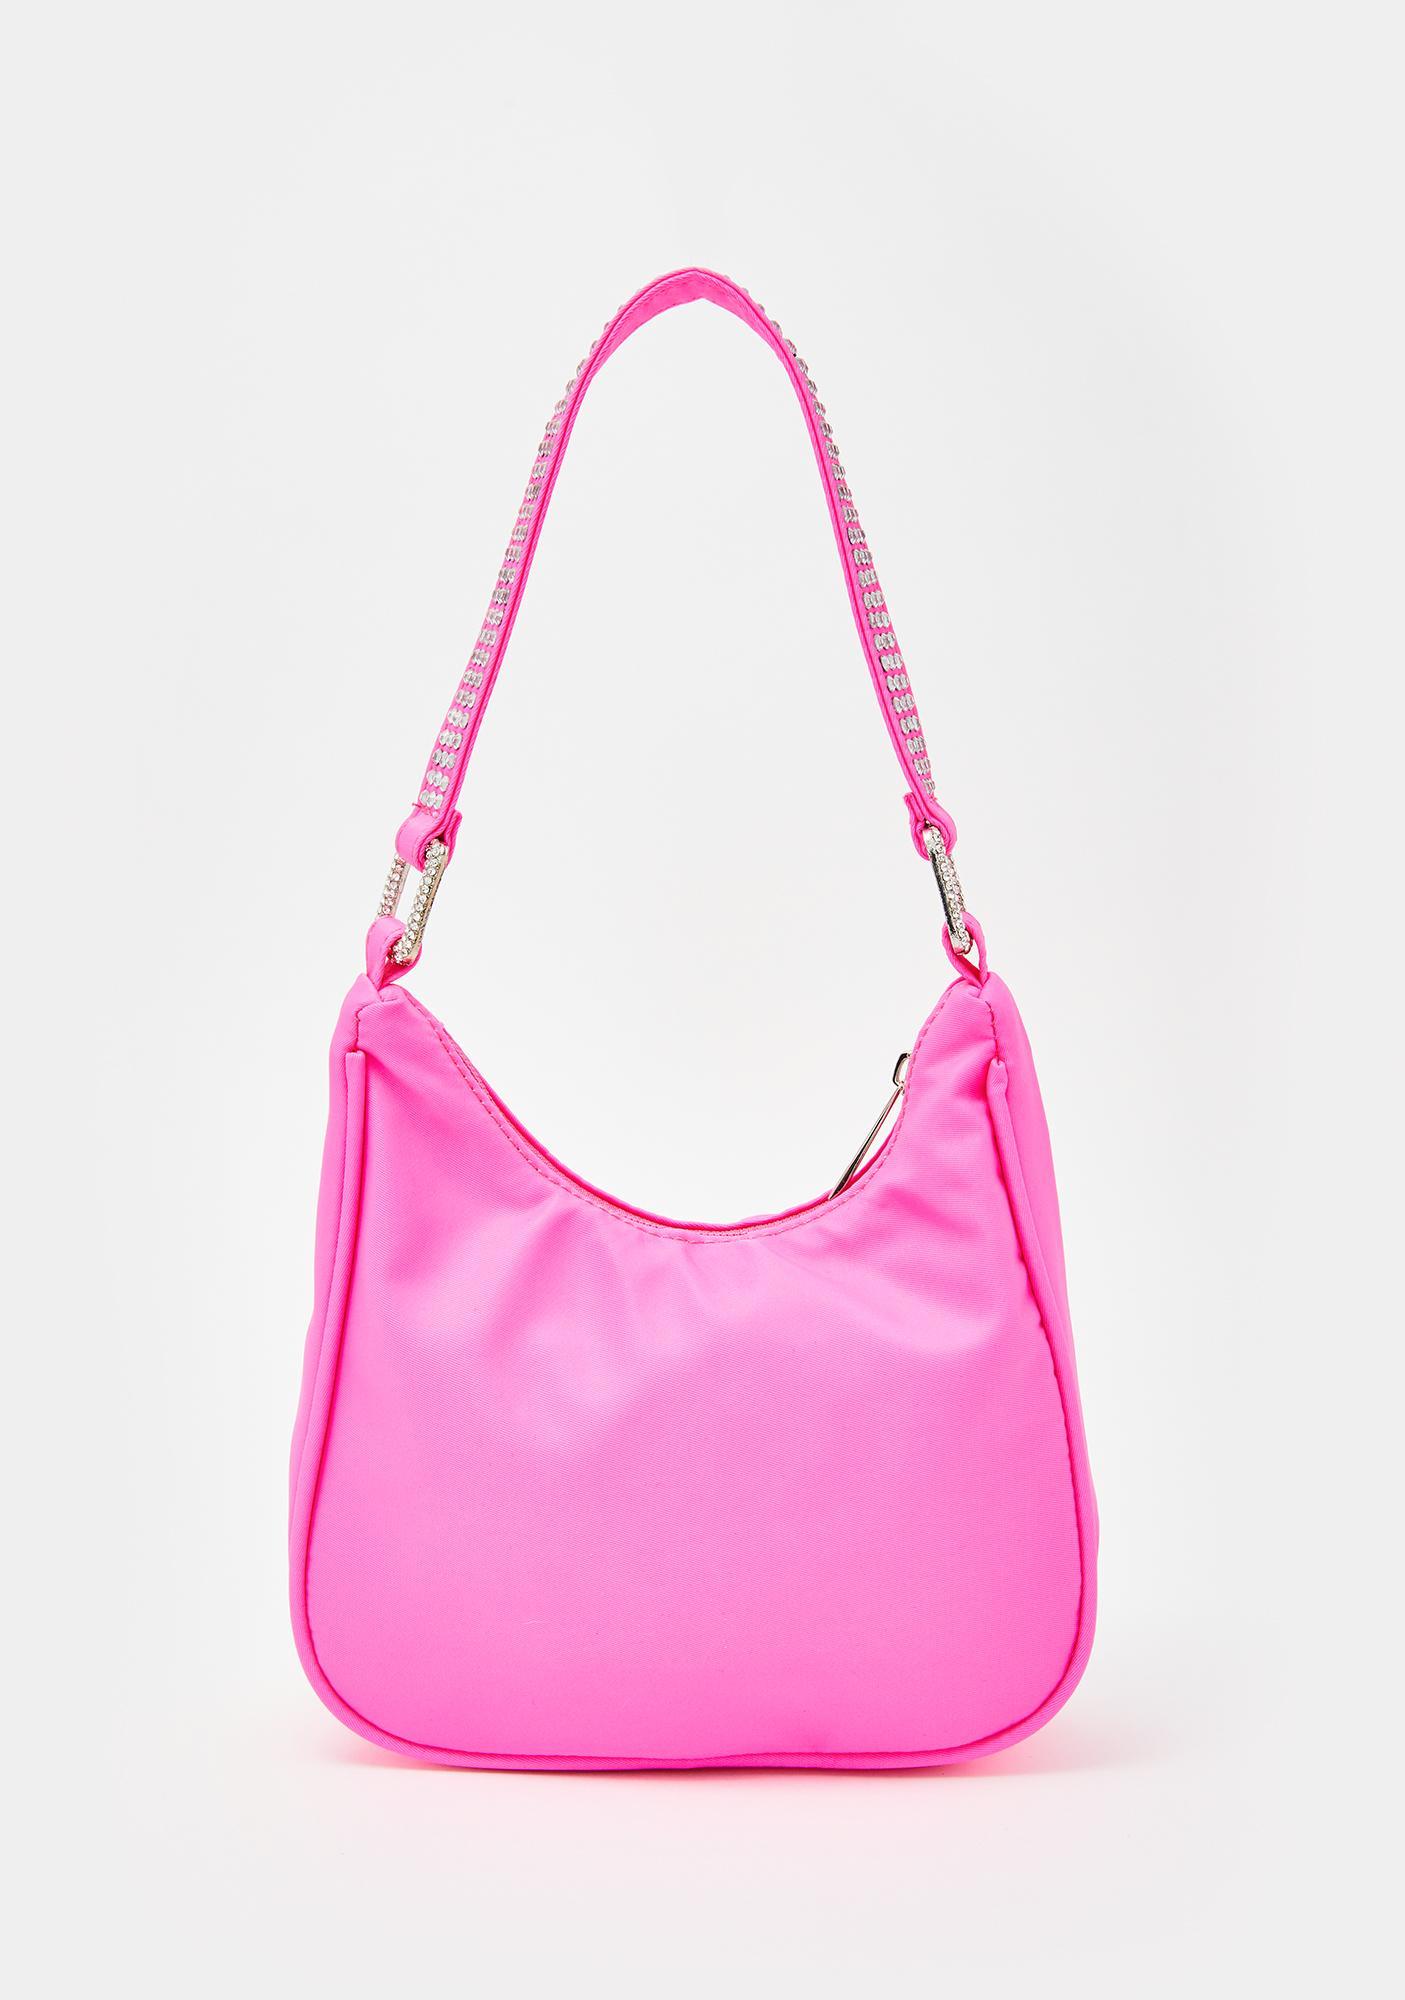 Sugar Thrillz Pretty Financial Burden Rhinestone Handbag